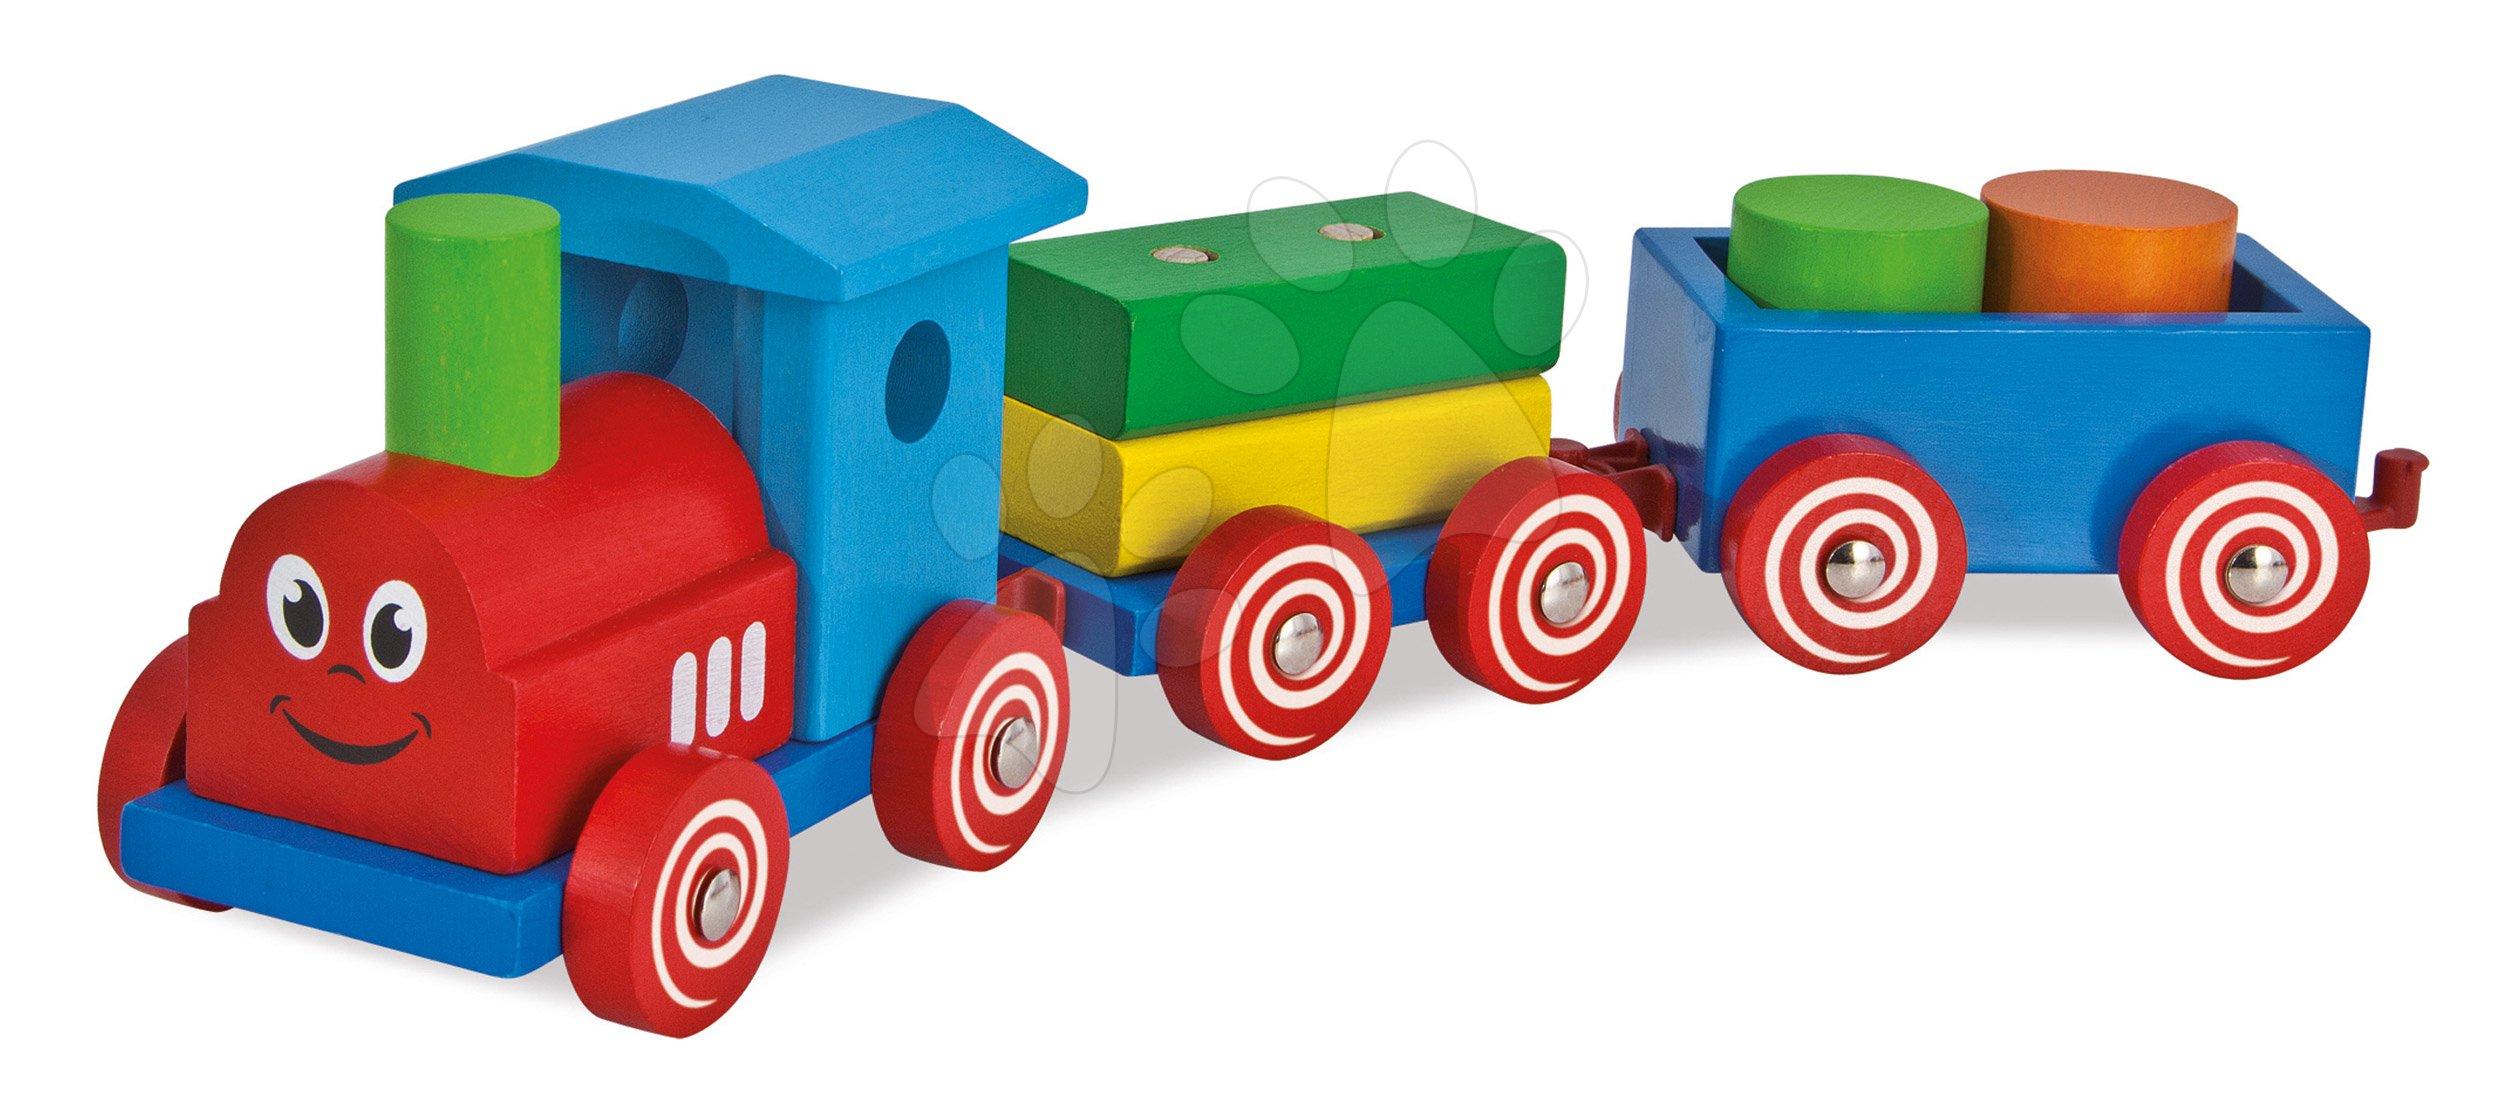 Dřevěné kostky - Dřevěný vláček s kostkami Coloured Train Eichhorn lokomotiva s 2 vagony 7 dílů od 12 měsíců